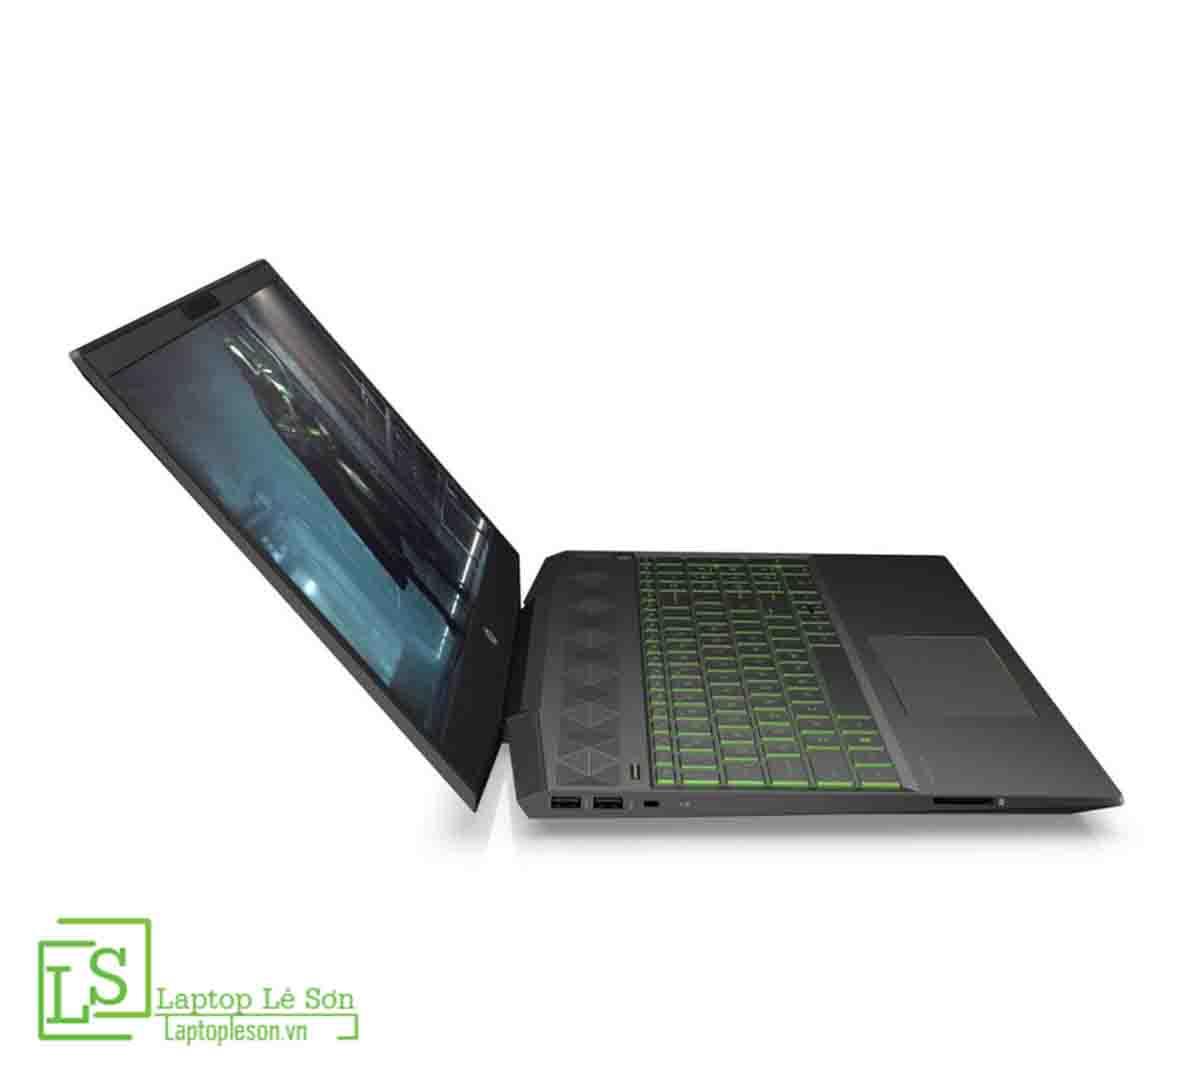 Laptop Lê Sơn HP Gaming Pavilion - 15-dk0056 04